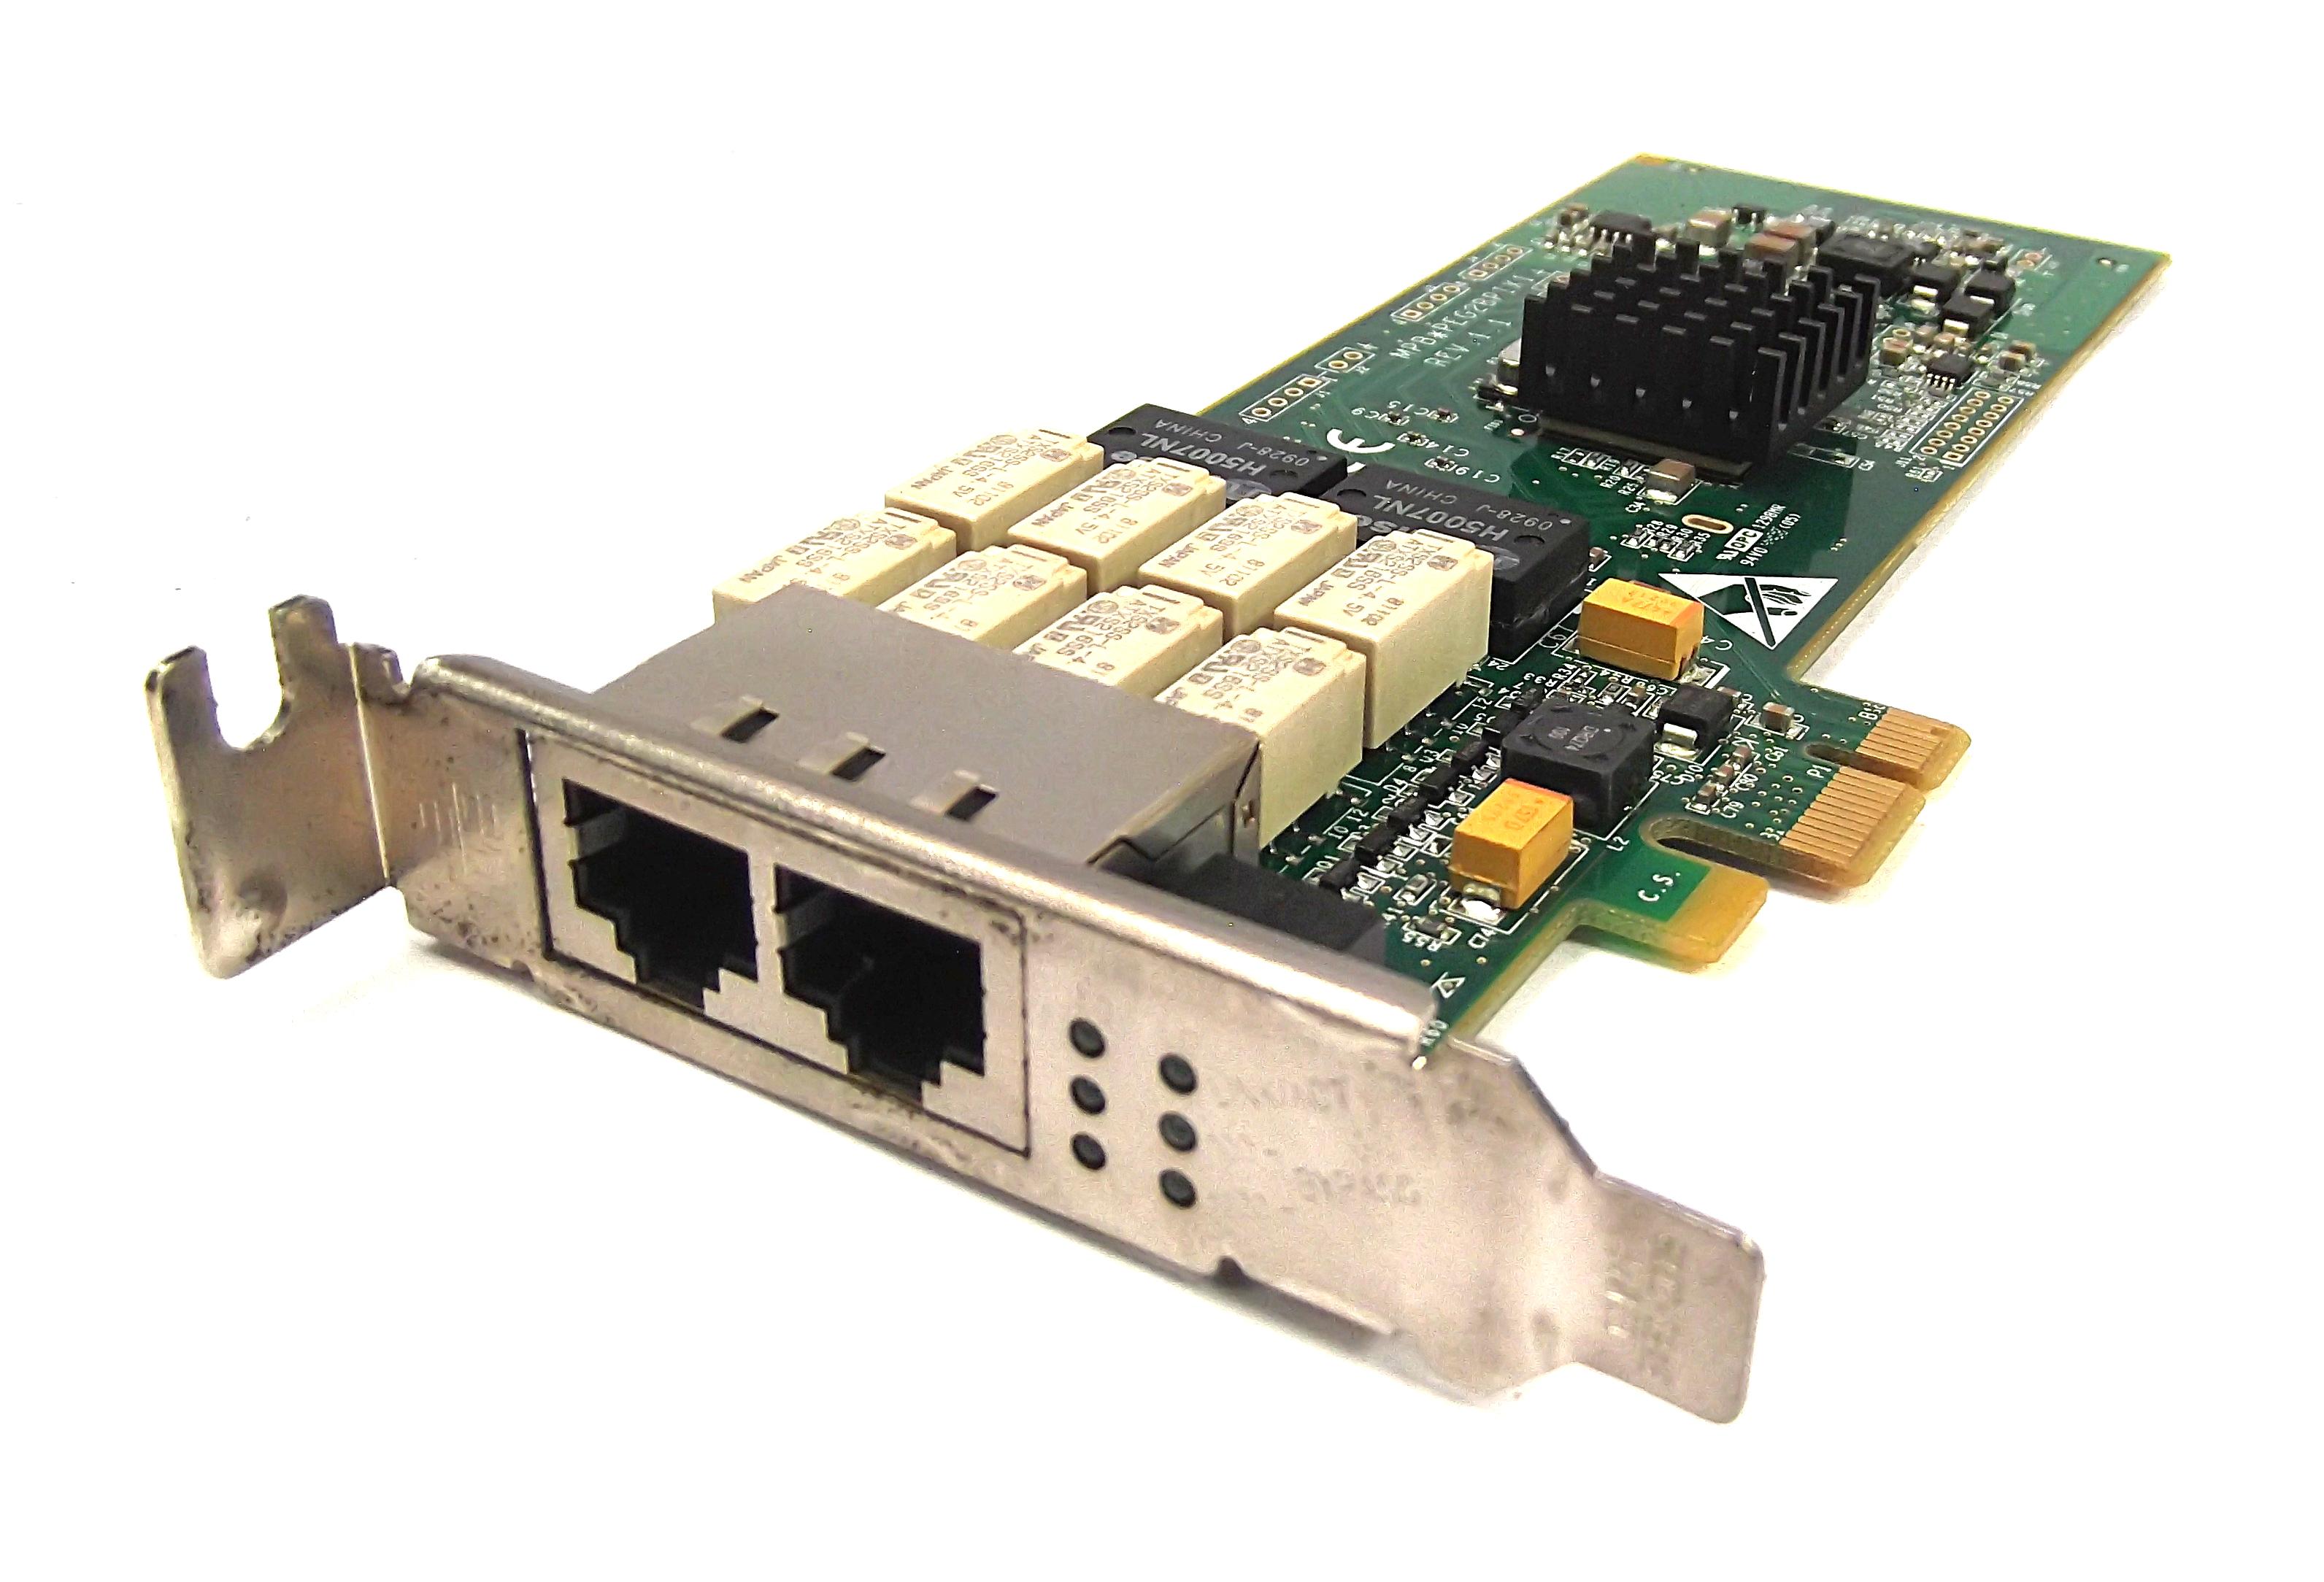 Silicom PEG2BPIX1-CS-RoHS Dual Port PCIe Gigabit Ethernet Adapter - Low Profile